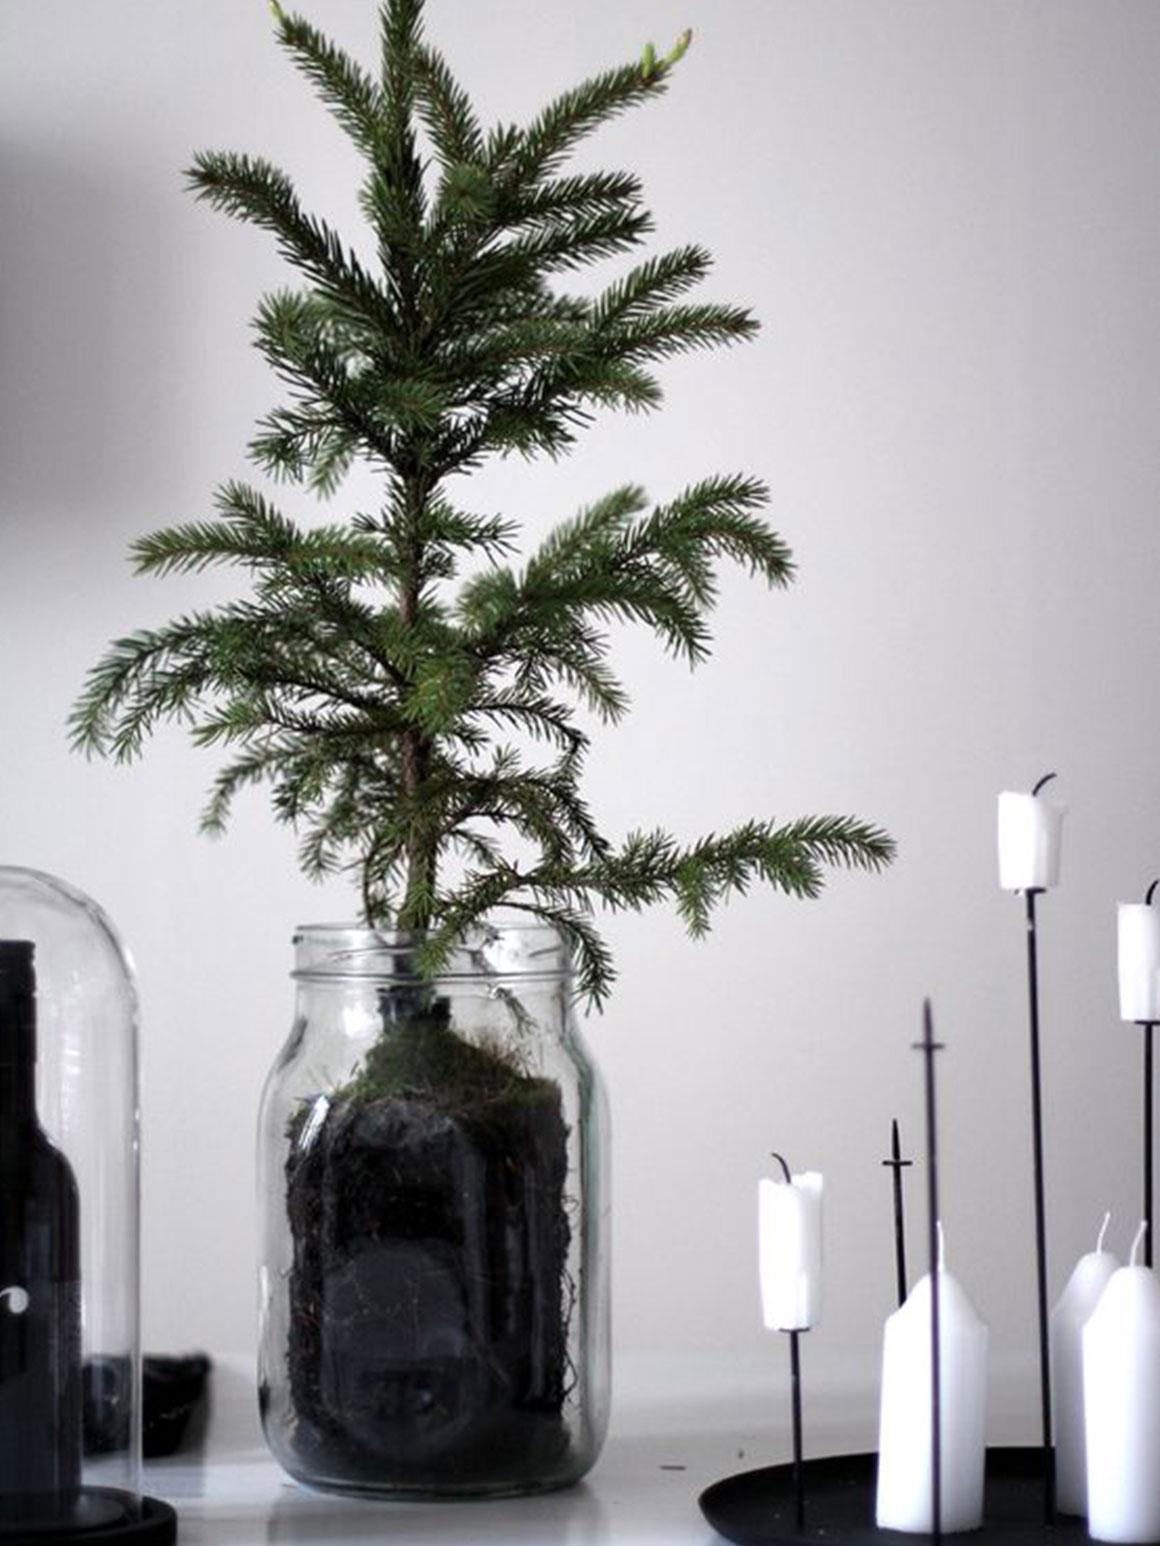 decoratie-ideee%cc%88n-voor-kerst-2016-12